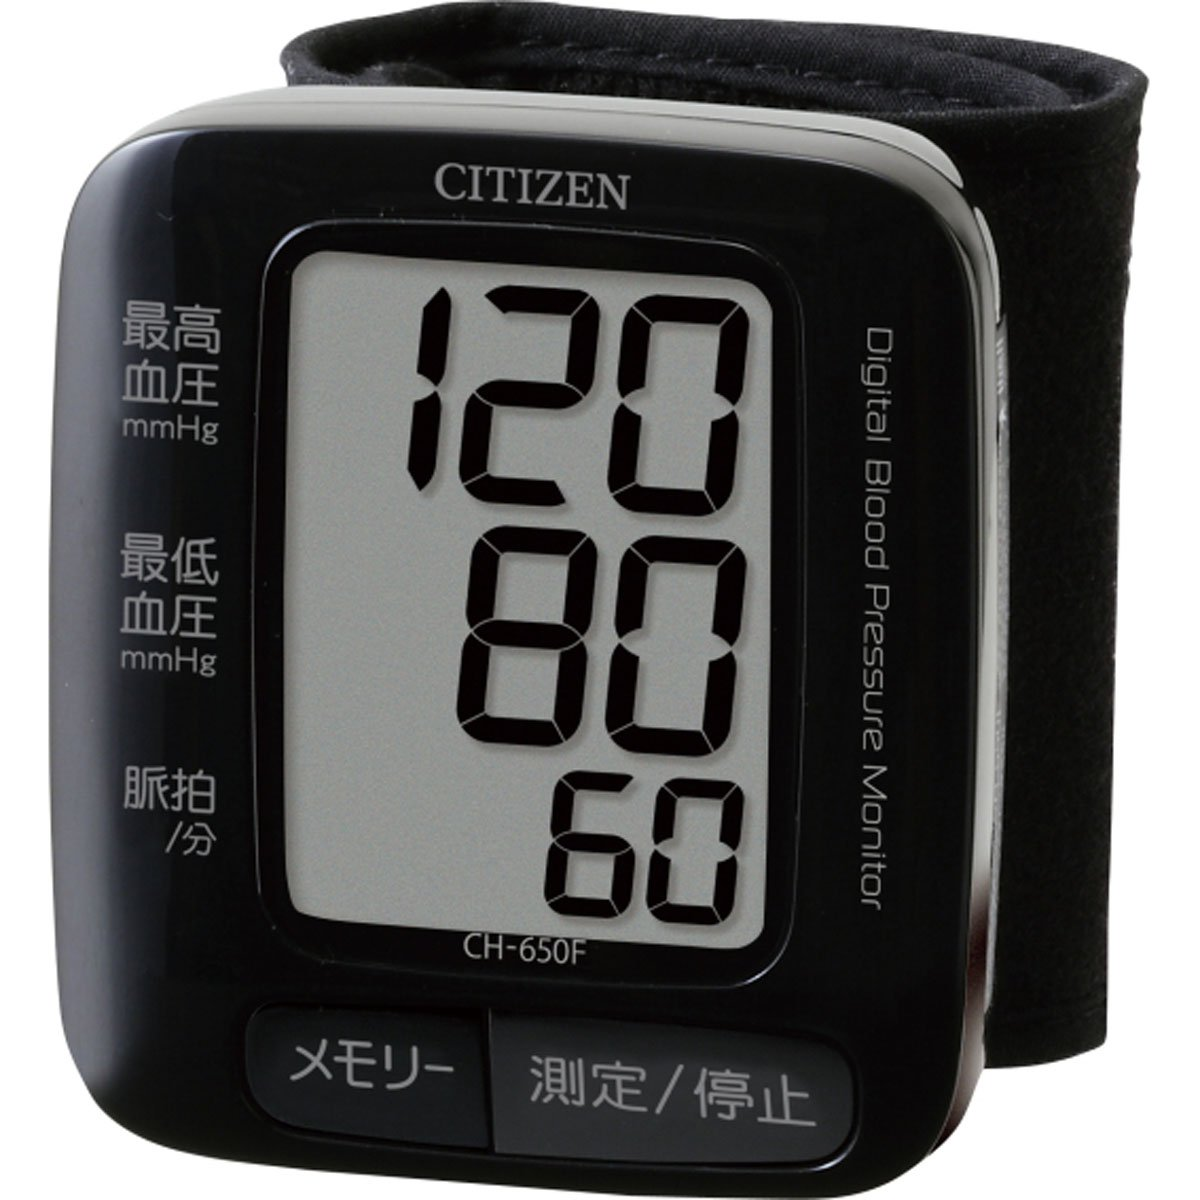 シチズン電子血圧計 手首式 CH-650F ブラック B007M85OAO ×3個セット B007M85OAO, チュウルイムラ:1a602bf6 --- dqfansurvey.online